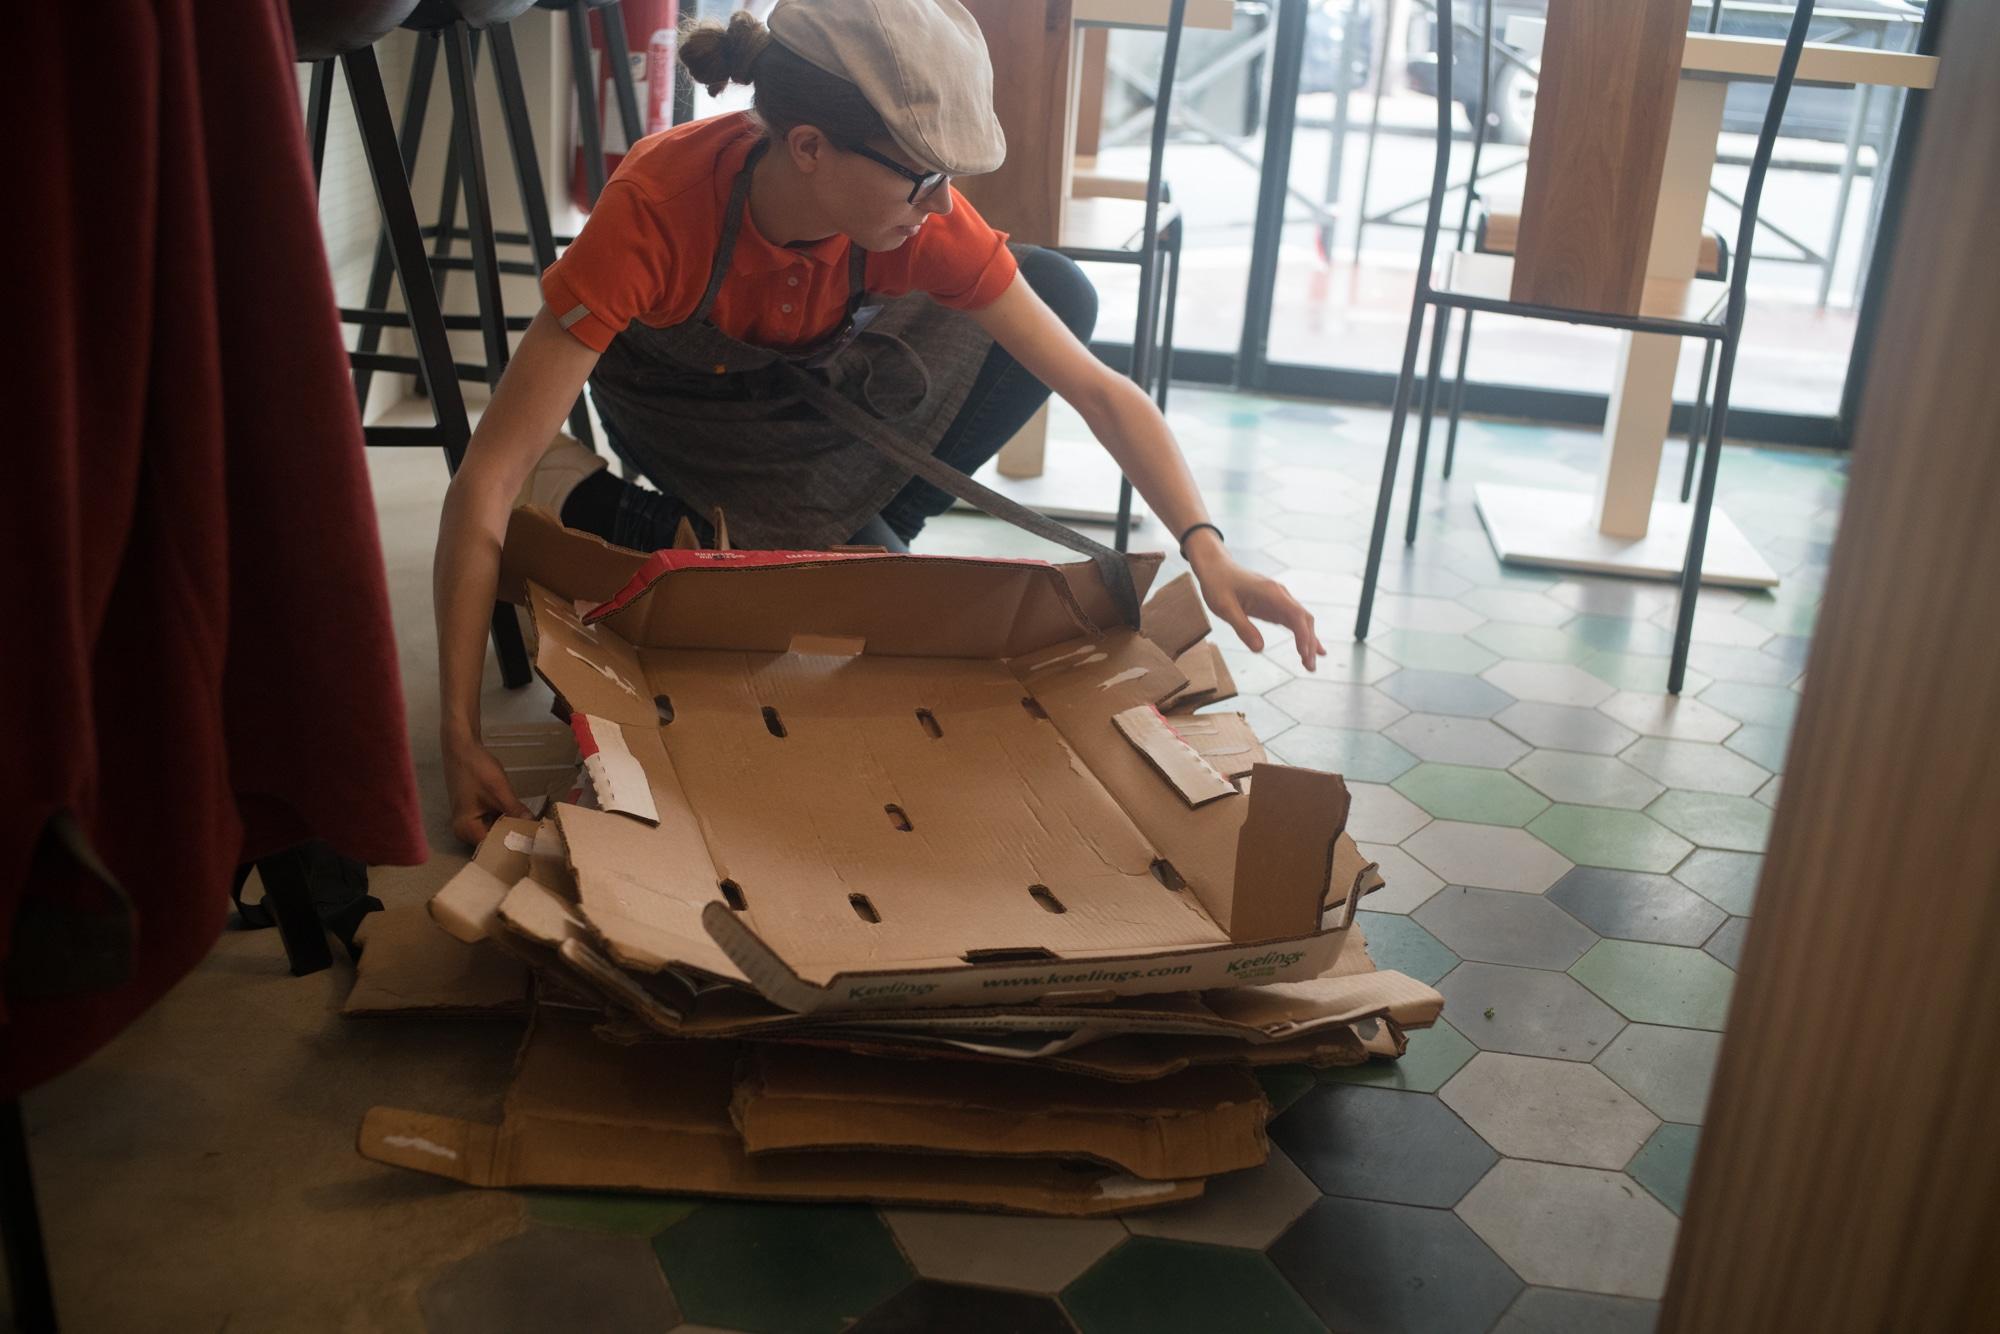 En salle, accroupie, Laetitia rassemble des cartons d'emballage vides.